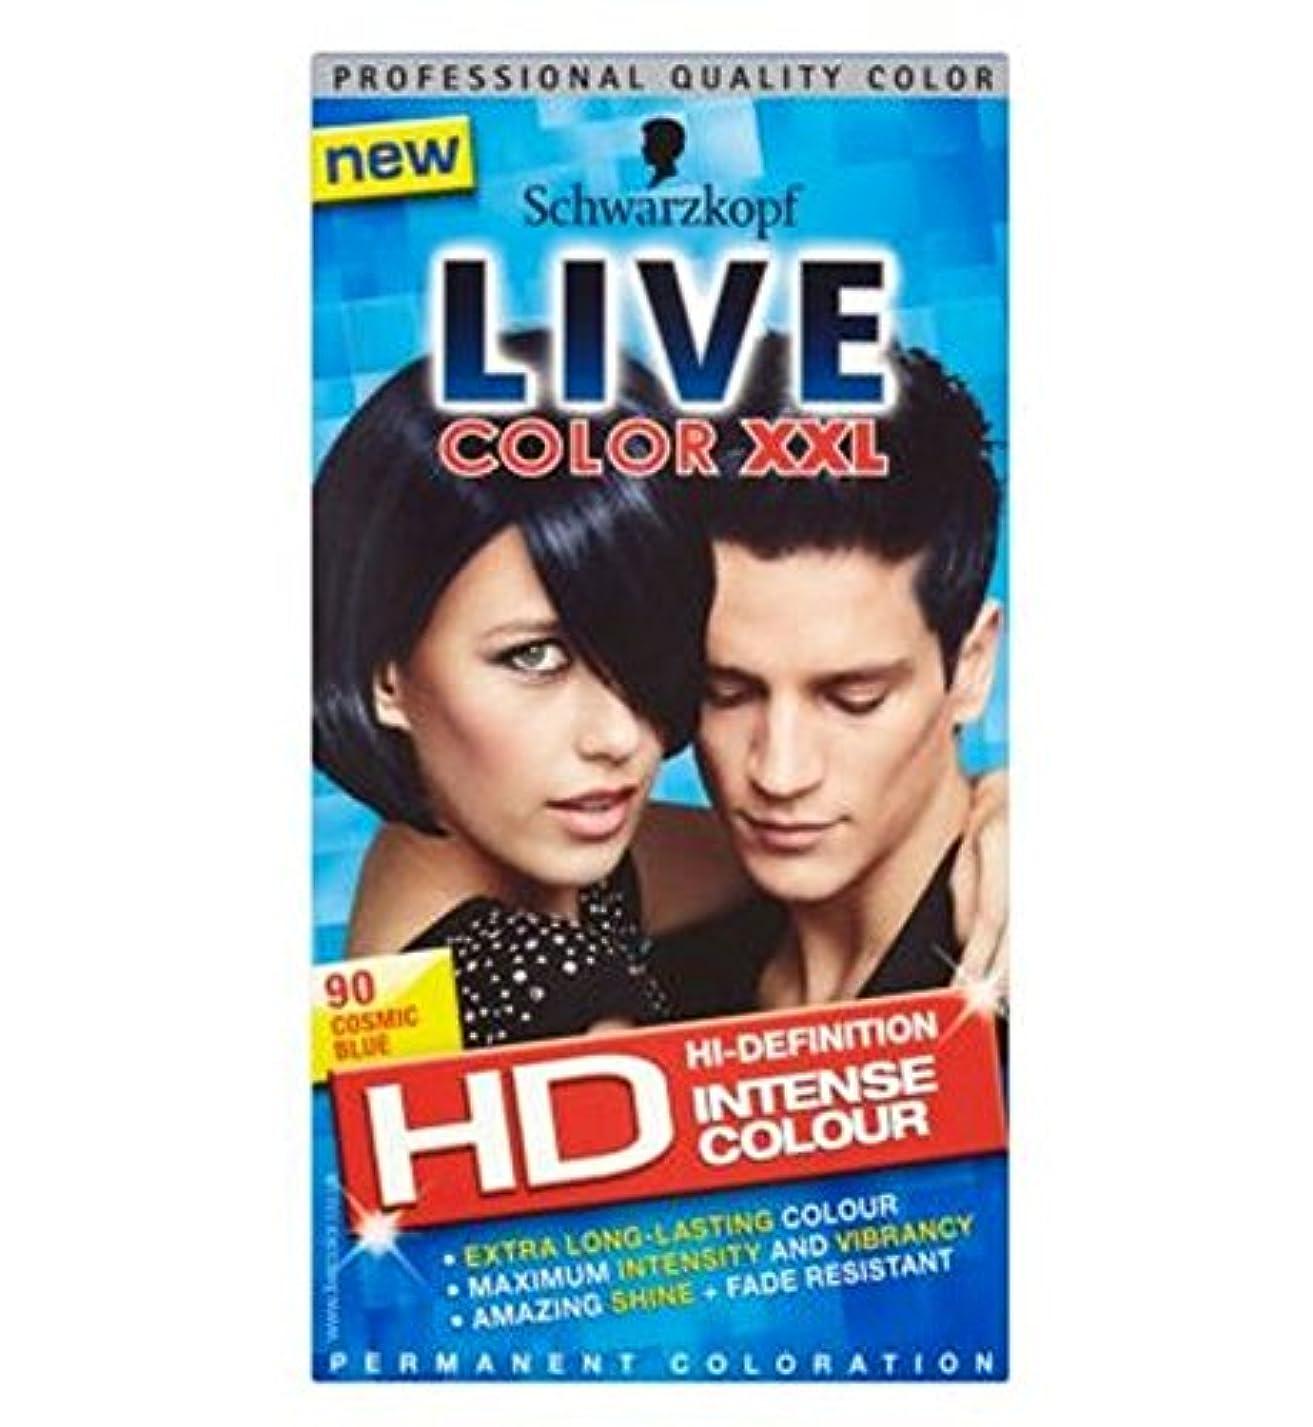 恐怖畝間参照するシュワルツコフライブカラーXxl Hd 90宇宙の青い永久青い髪の染料 (Schwarzkopf) (x2) - Schwarzkopf LIVE Color XXL HD 90 Cosmic Blue Permanent Blue Hair Dye (Pack of 2) [並行輸入品]